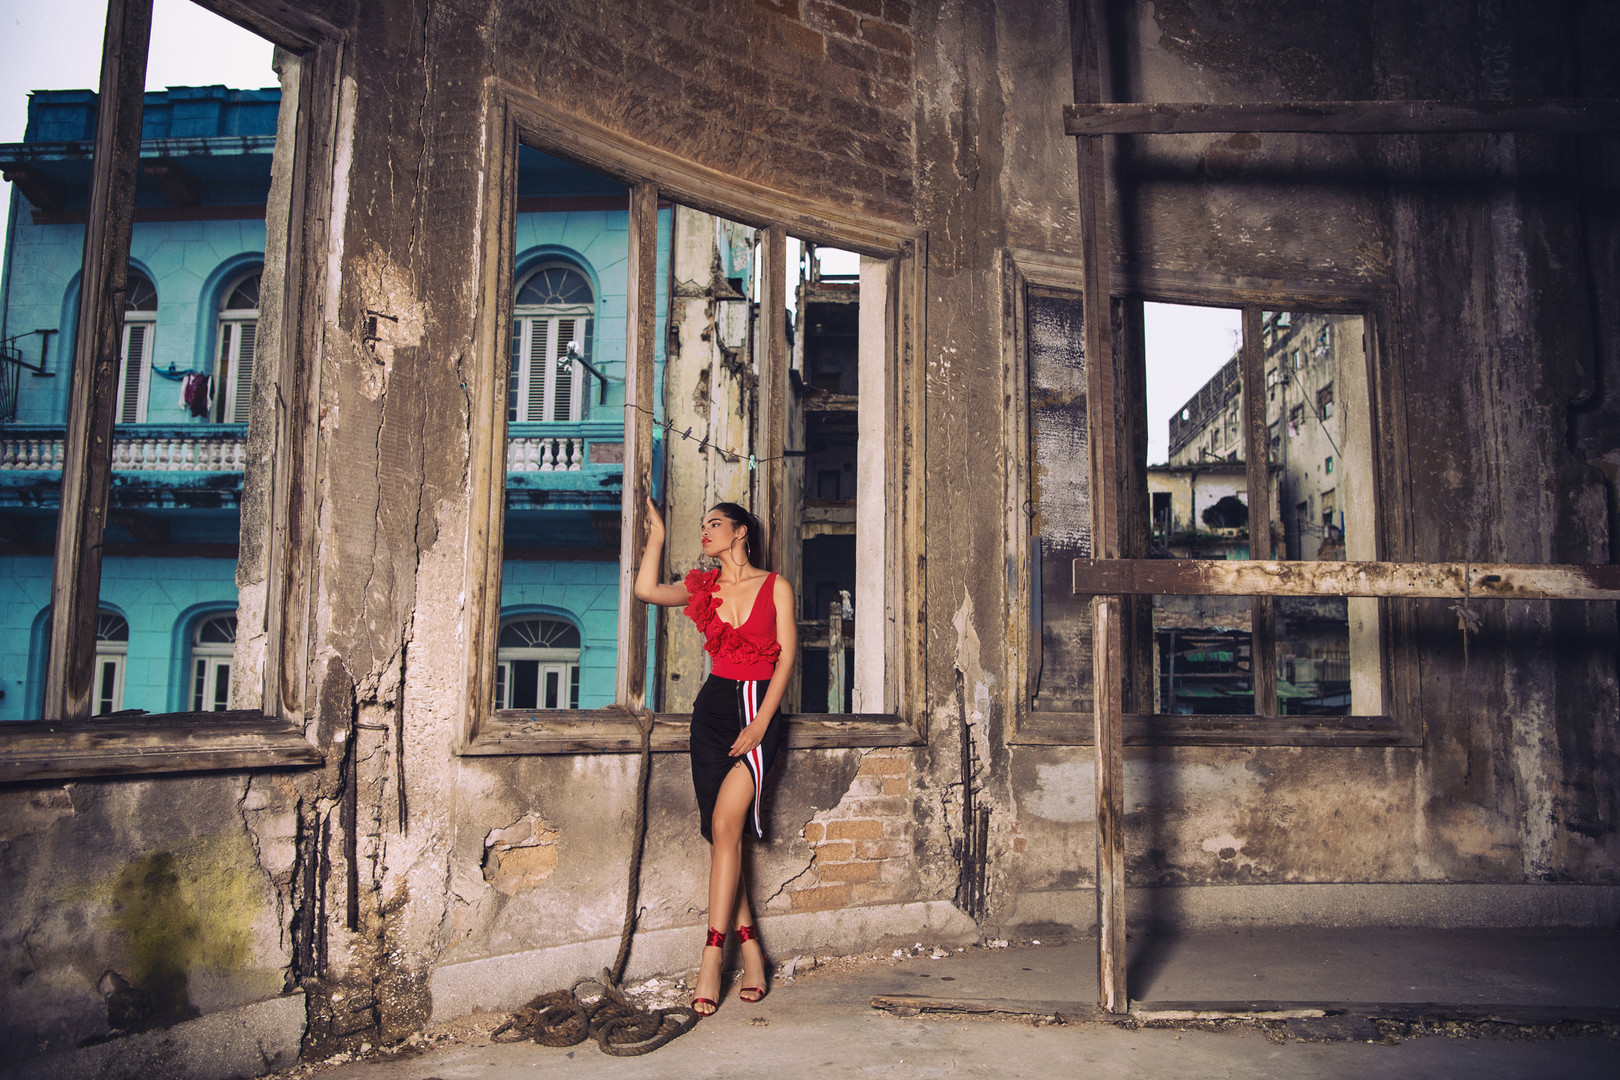 Kuba, 2018